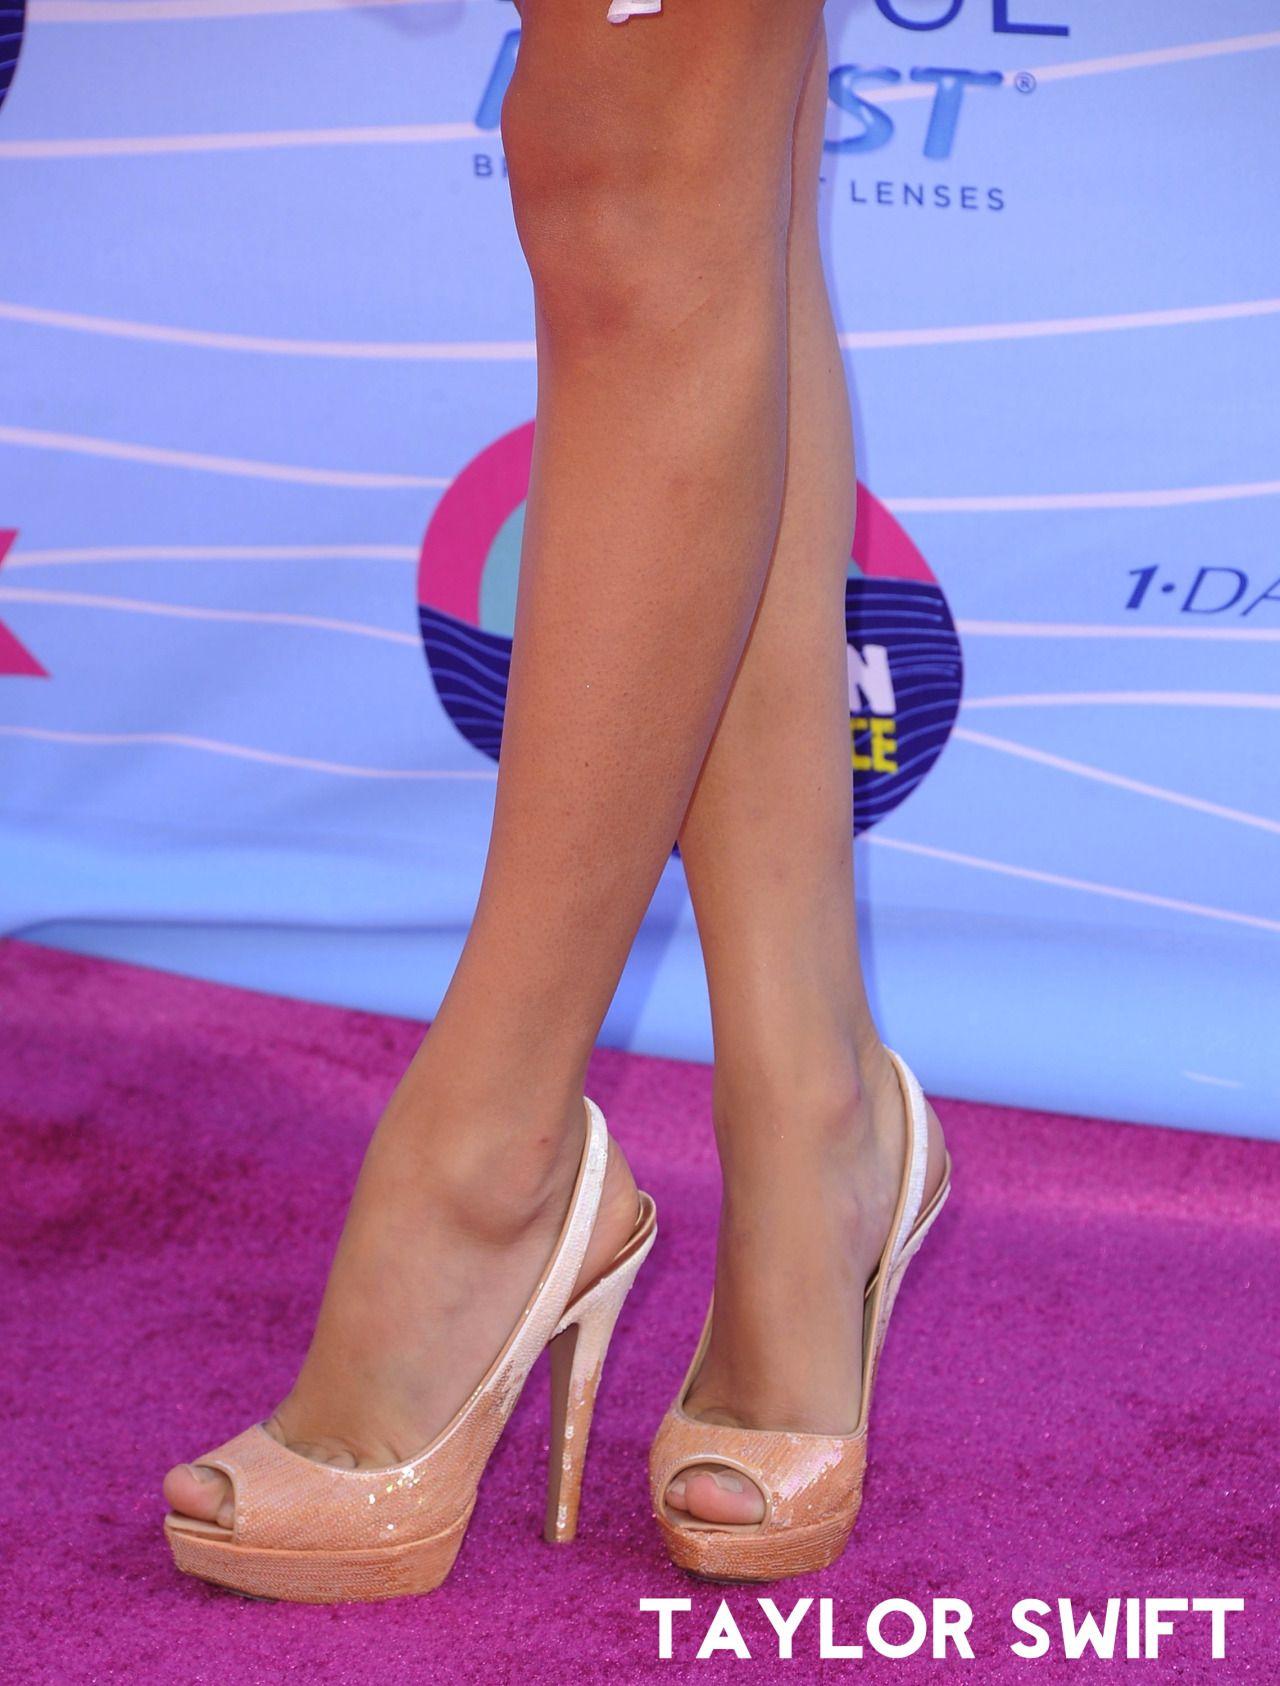 Sexiest feet in heels